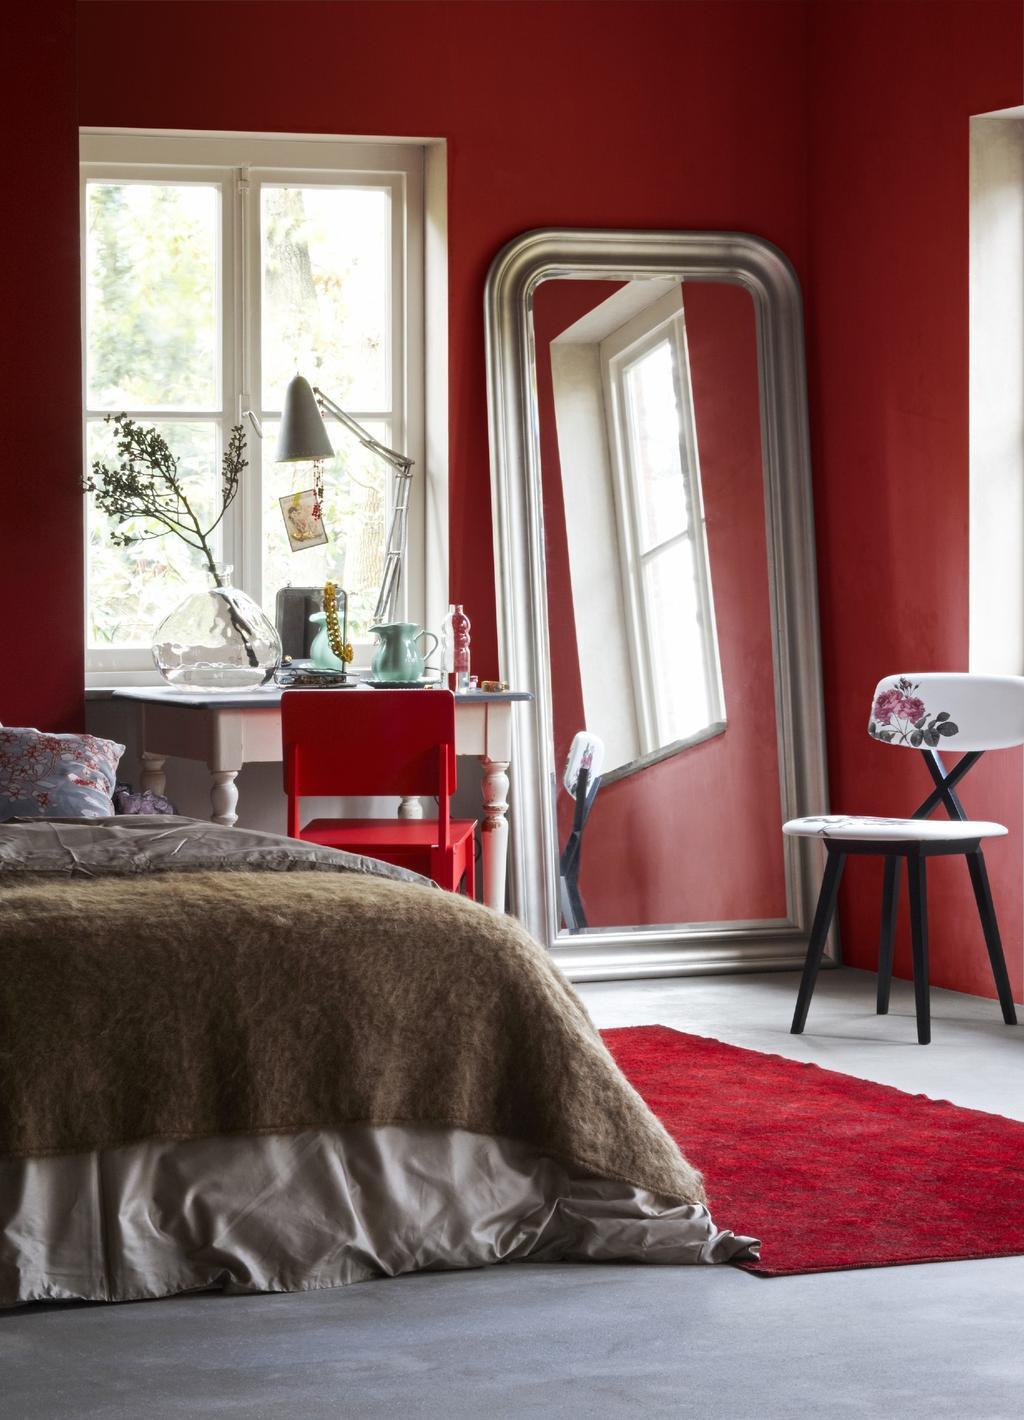 Slaapkamer ideeën voor meer sfeer met een kaptafel